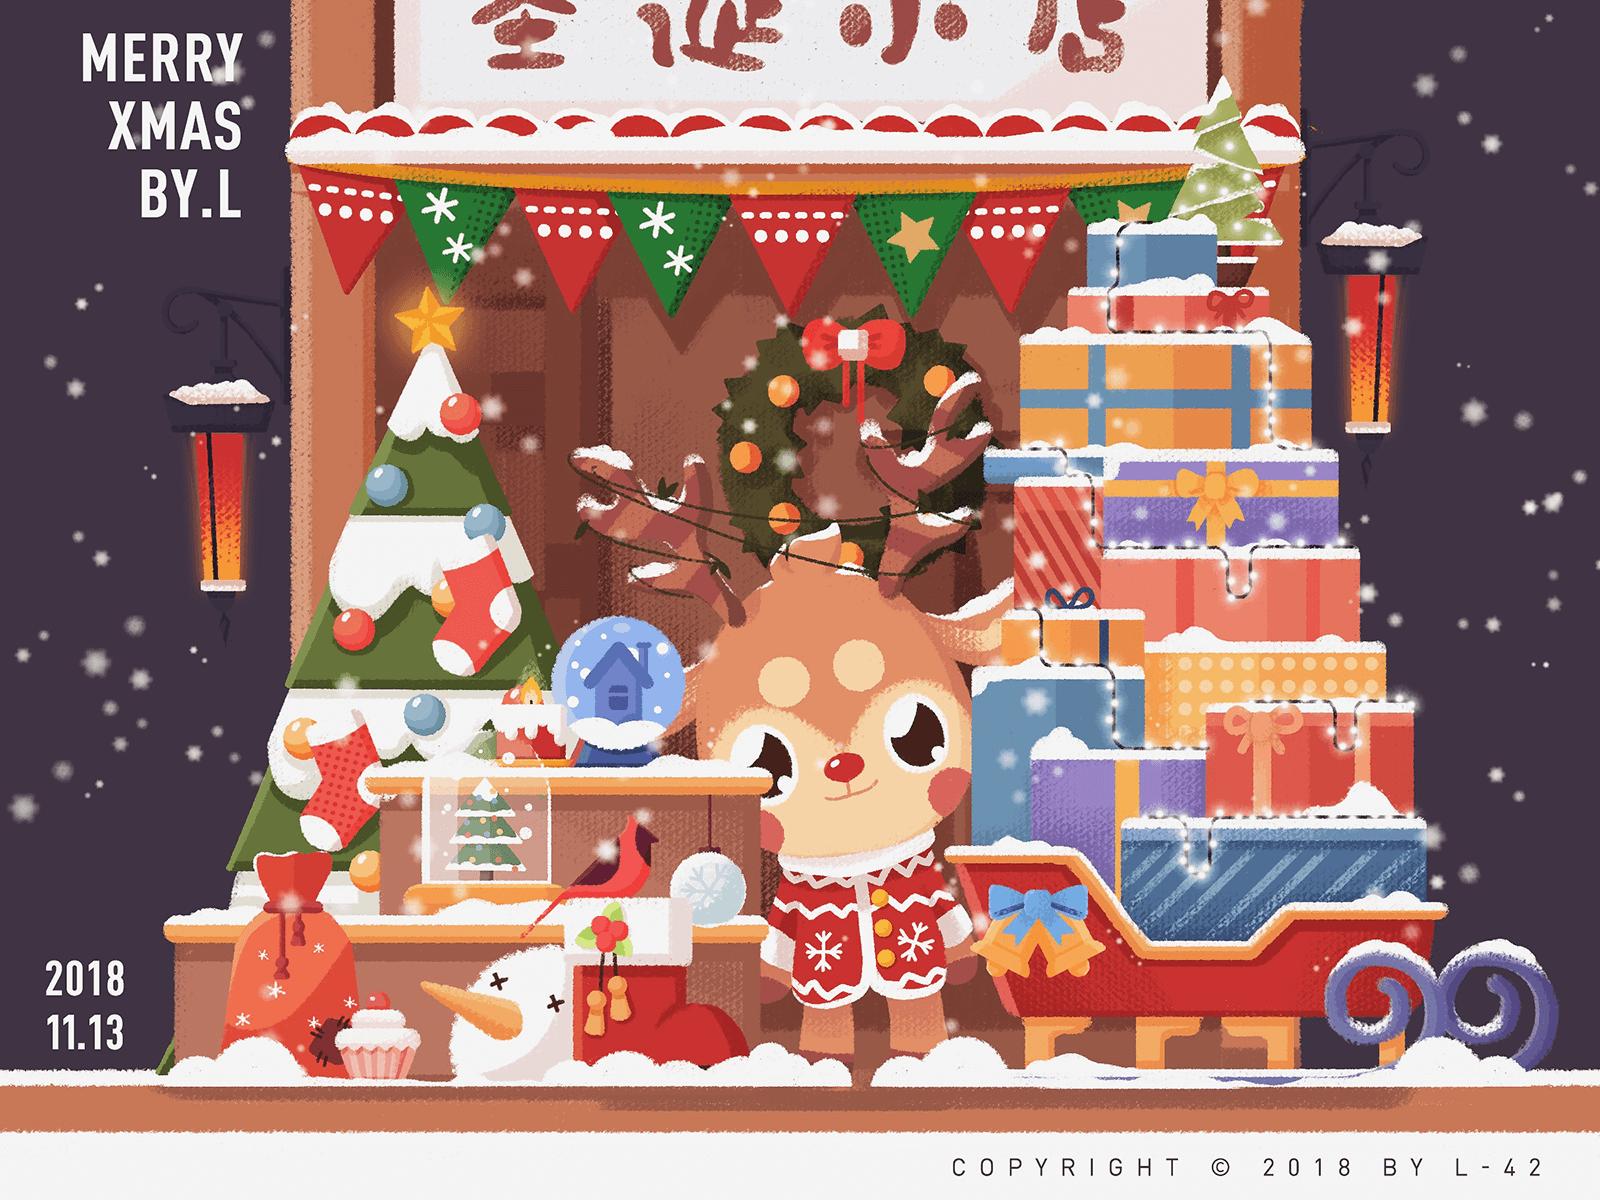 驯鹿圣诞礼品店